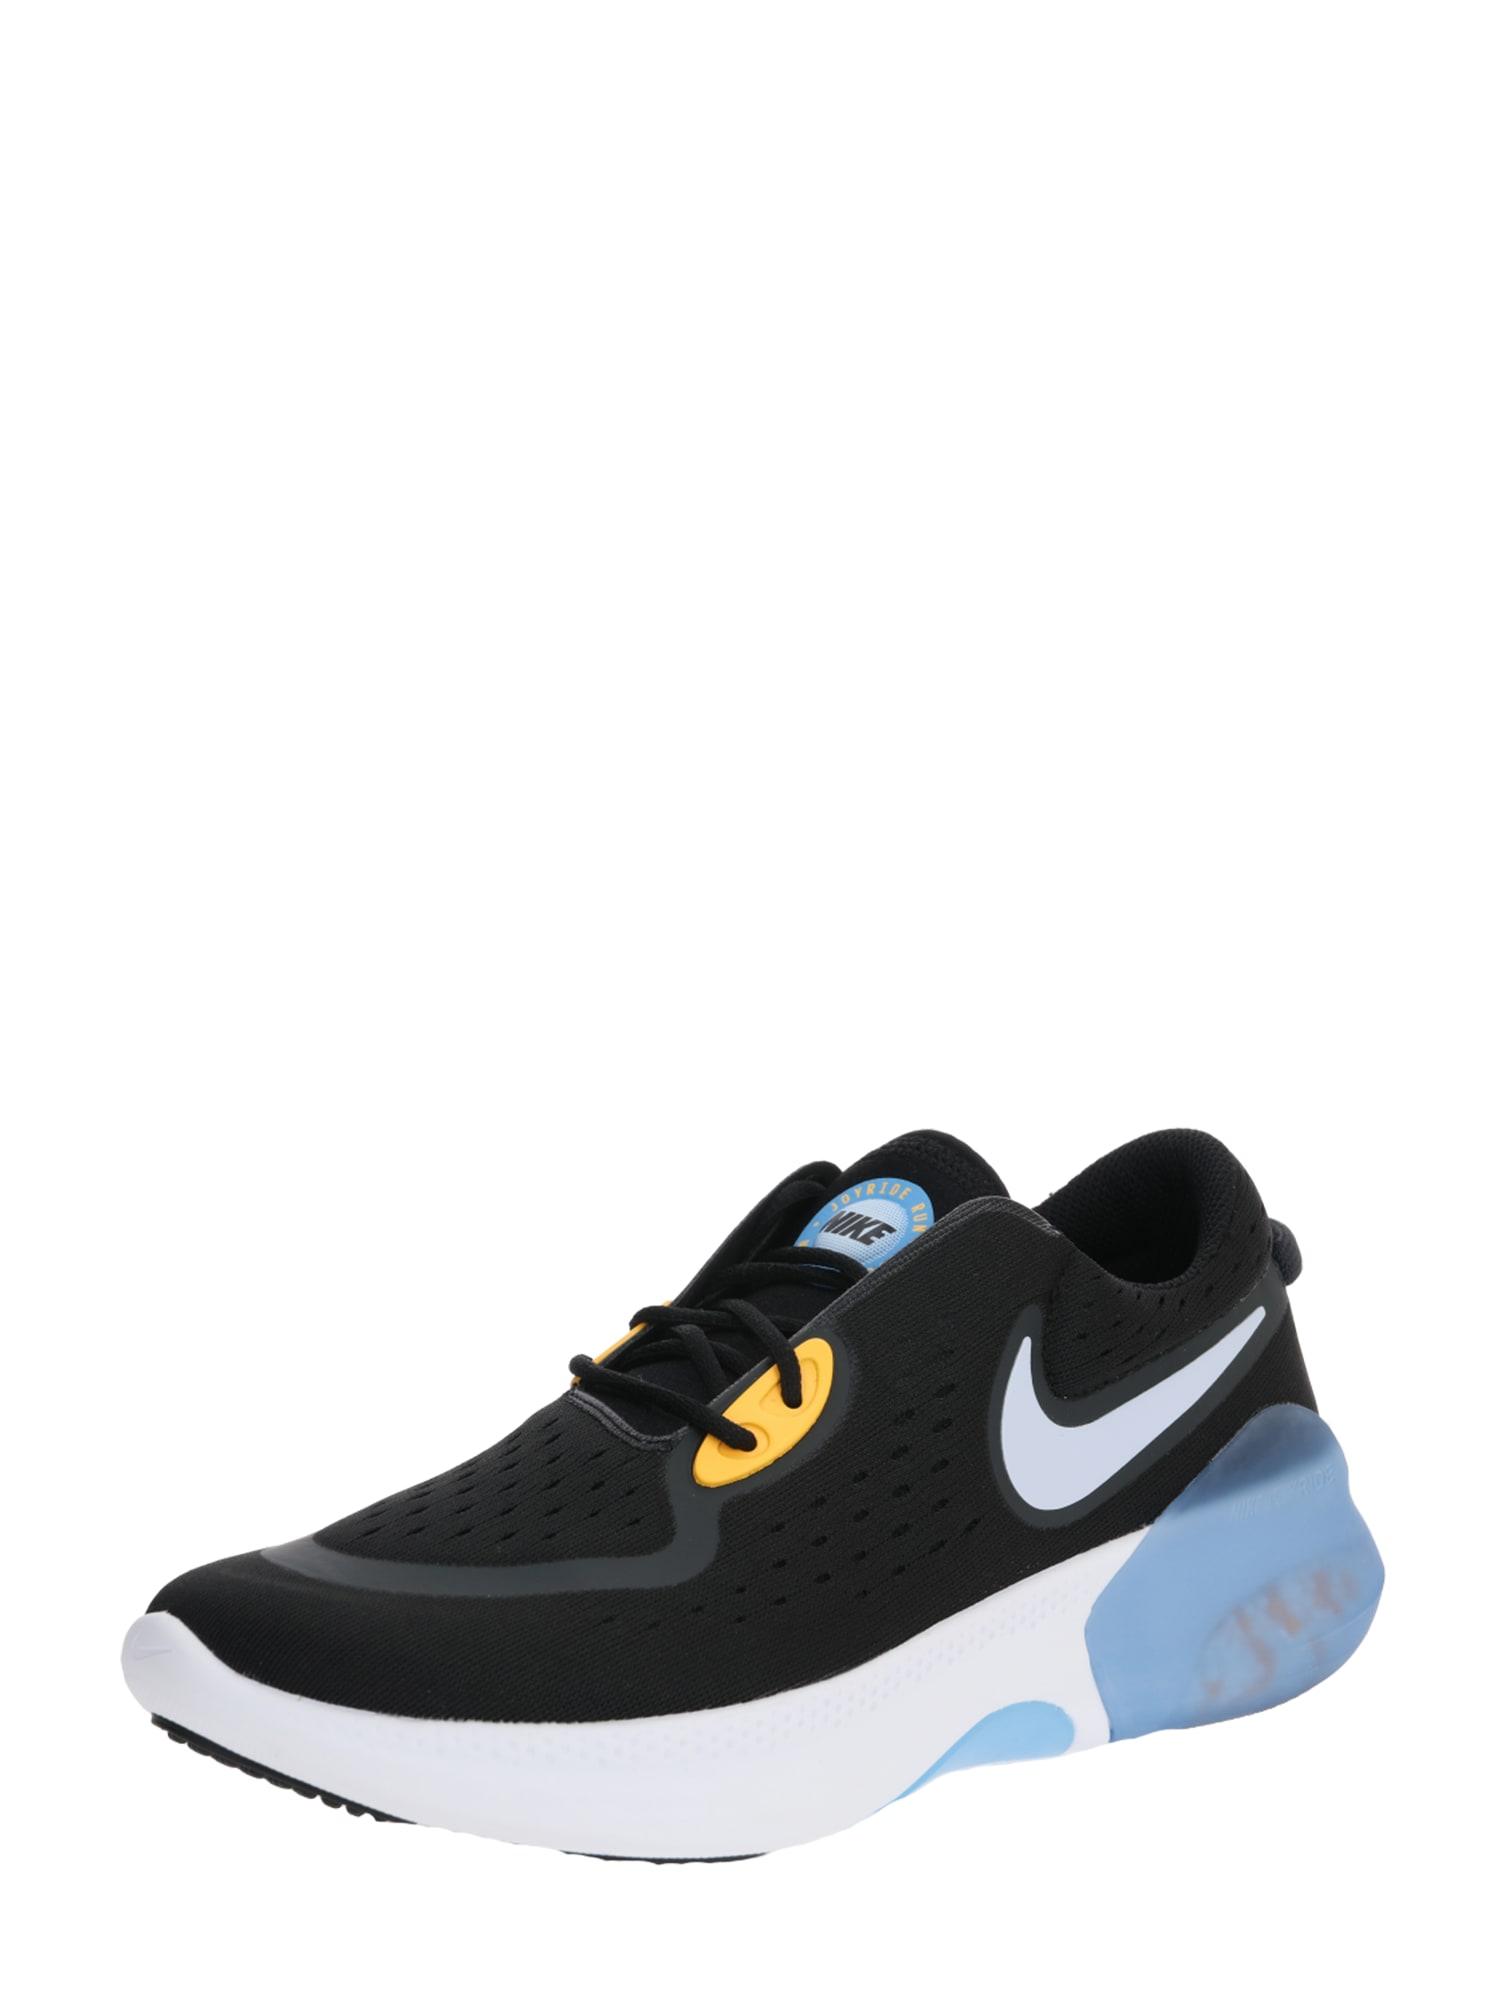 NIKE Bėgimo batai 'JOYRIDE' pilka / juoda / šviesiai mėlyna